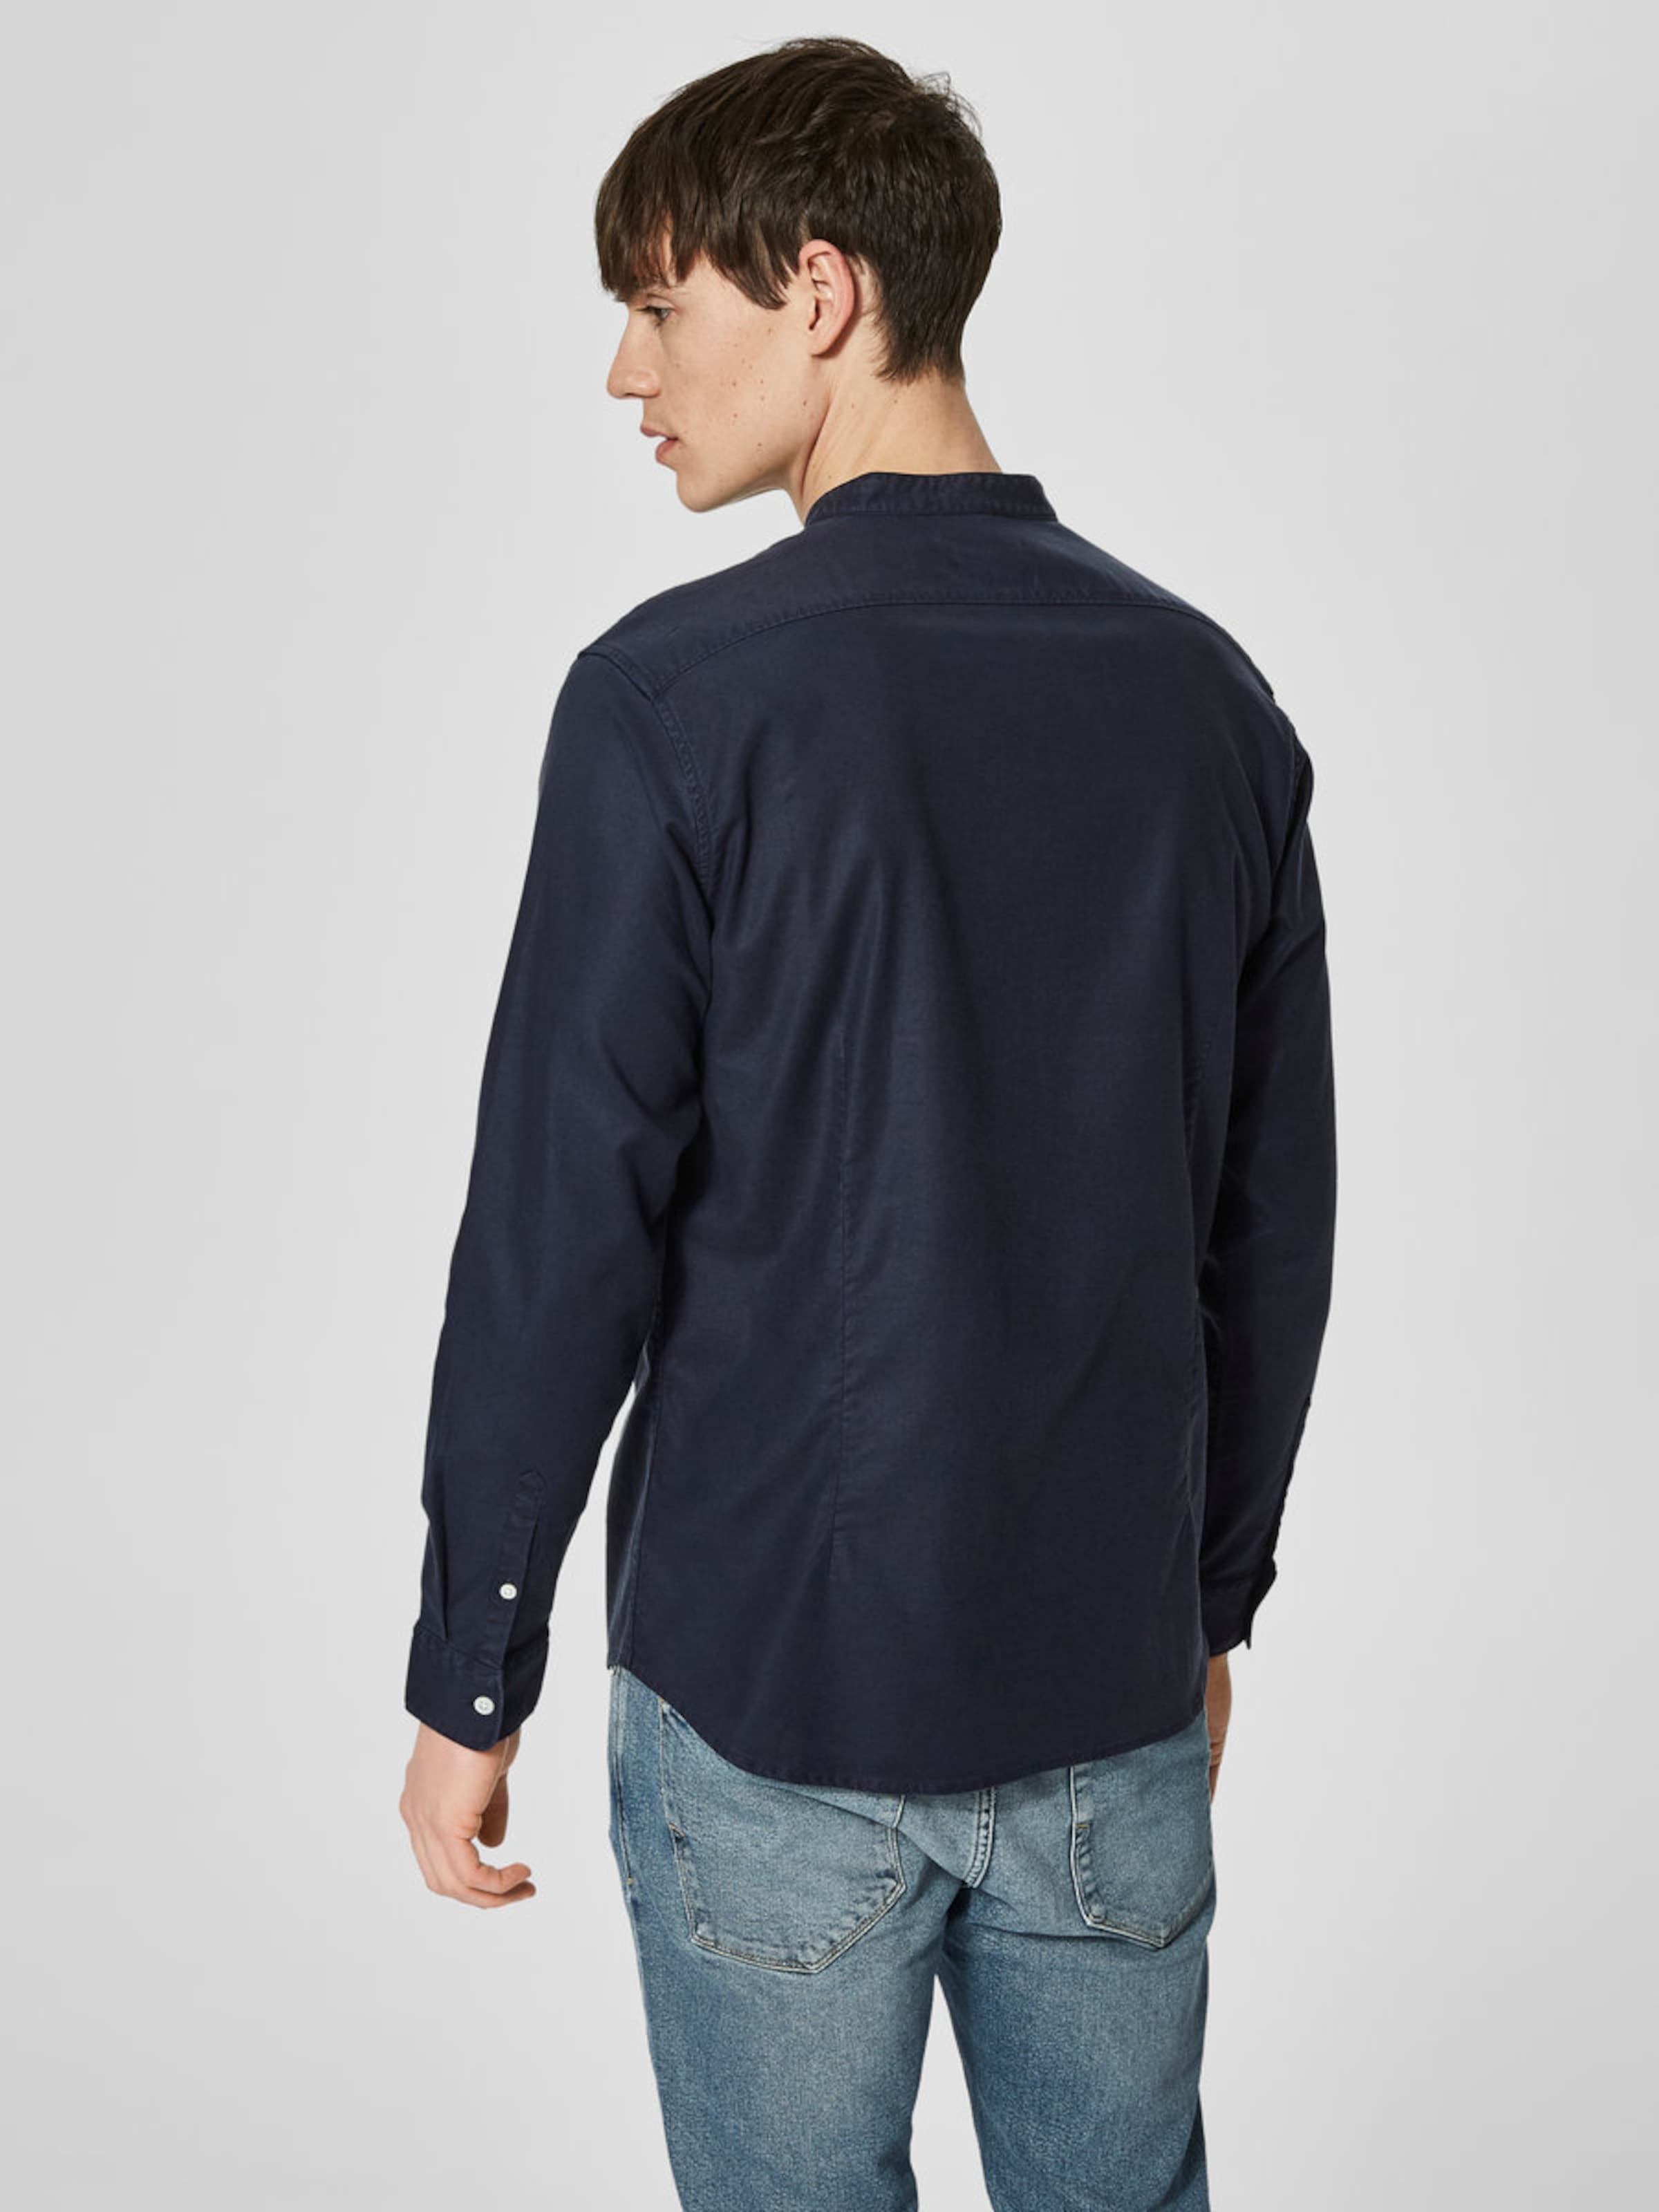 Billige Bilder SELECTED HOMME Mandarinkragen Slim Fit Hemd Vermarktbare Online Ausverkauf Verkauf Echten UNeOVH